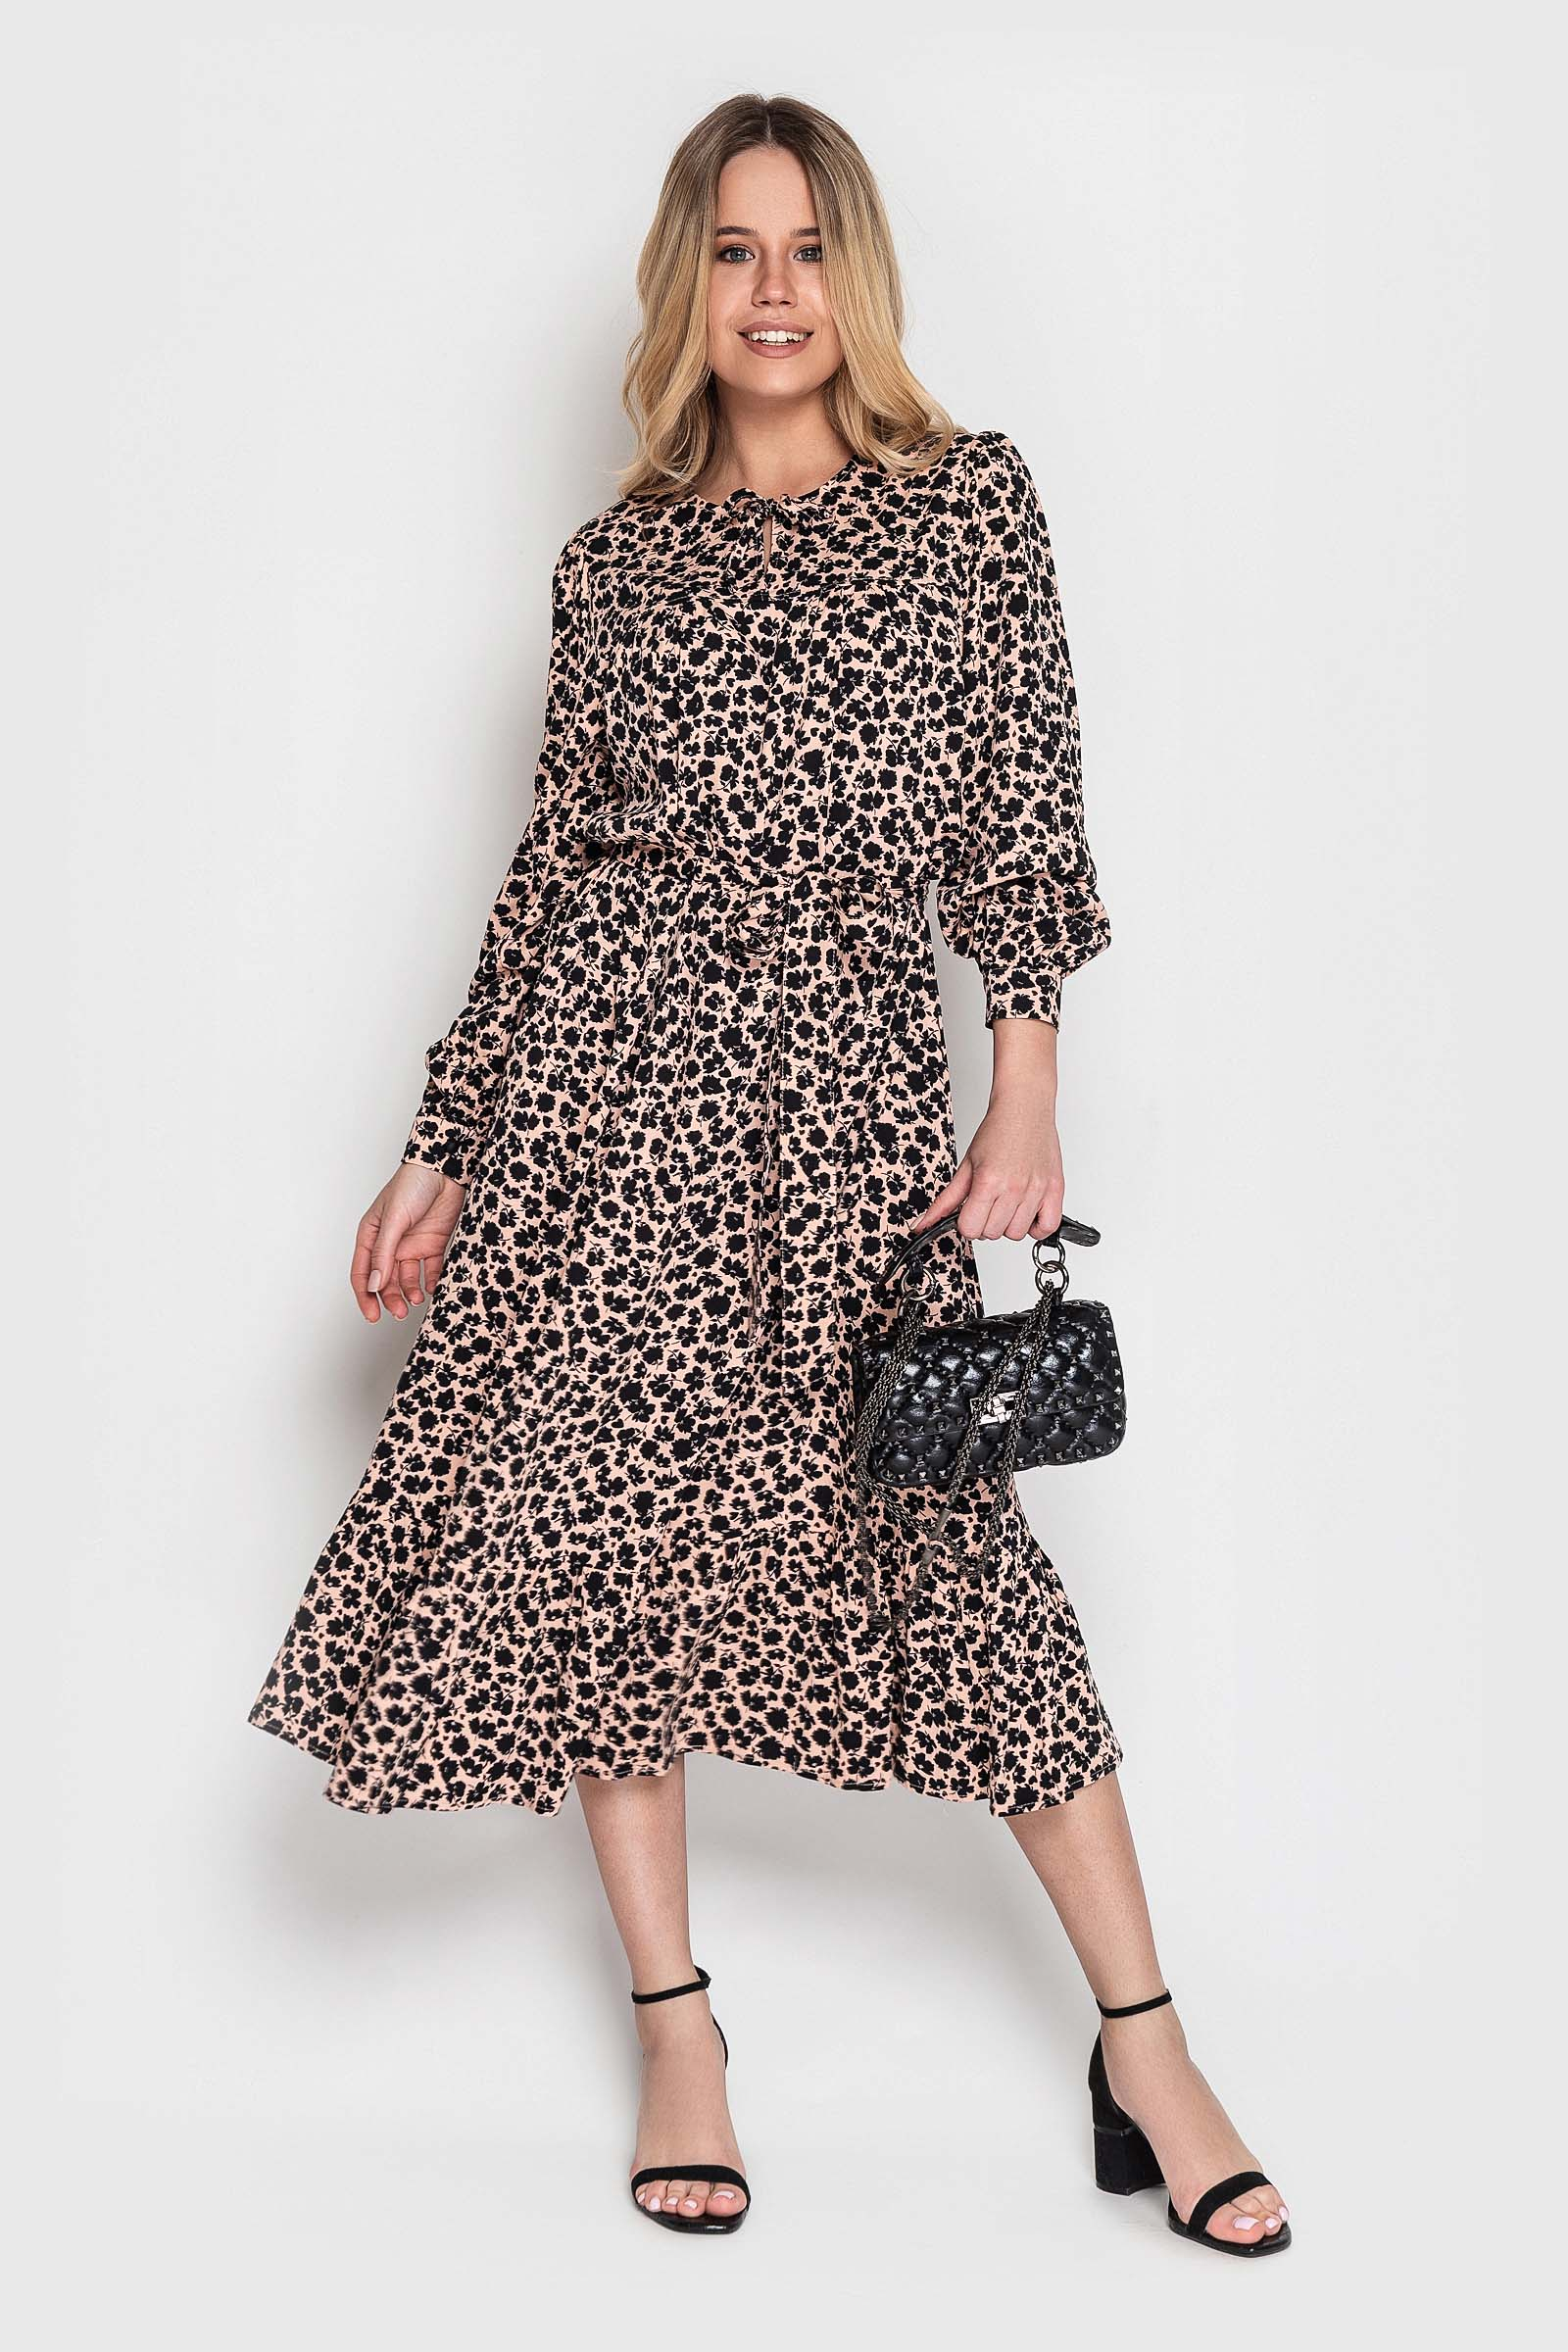 2021 04 10 poltava31179 Купить платье